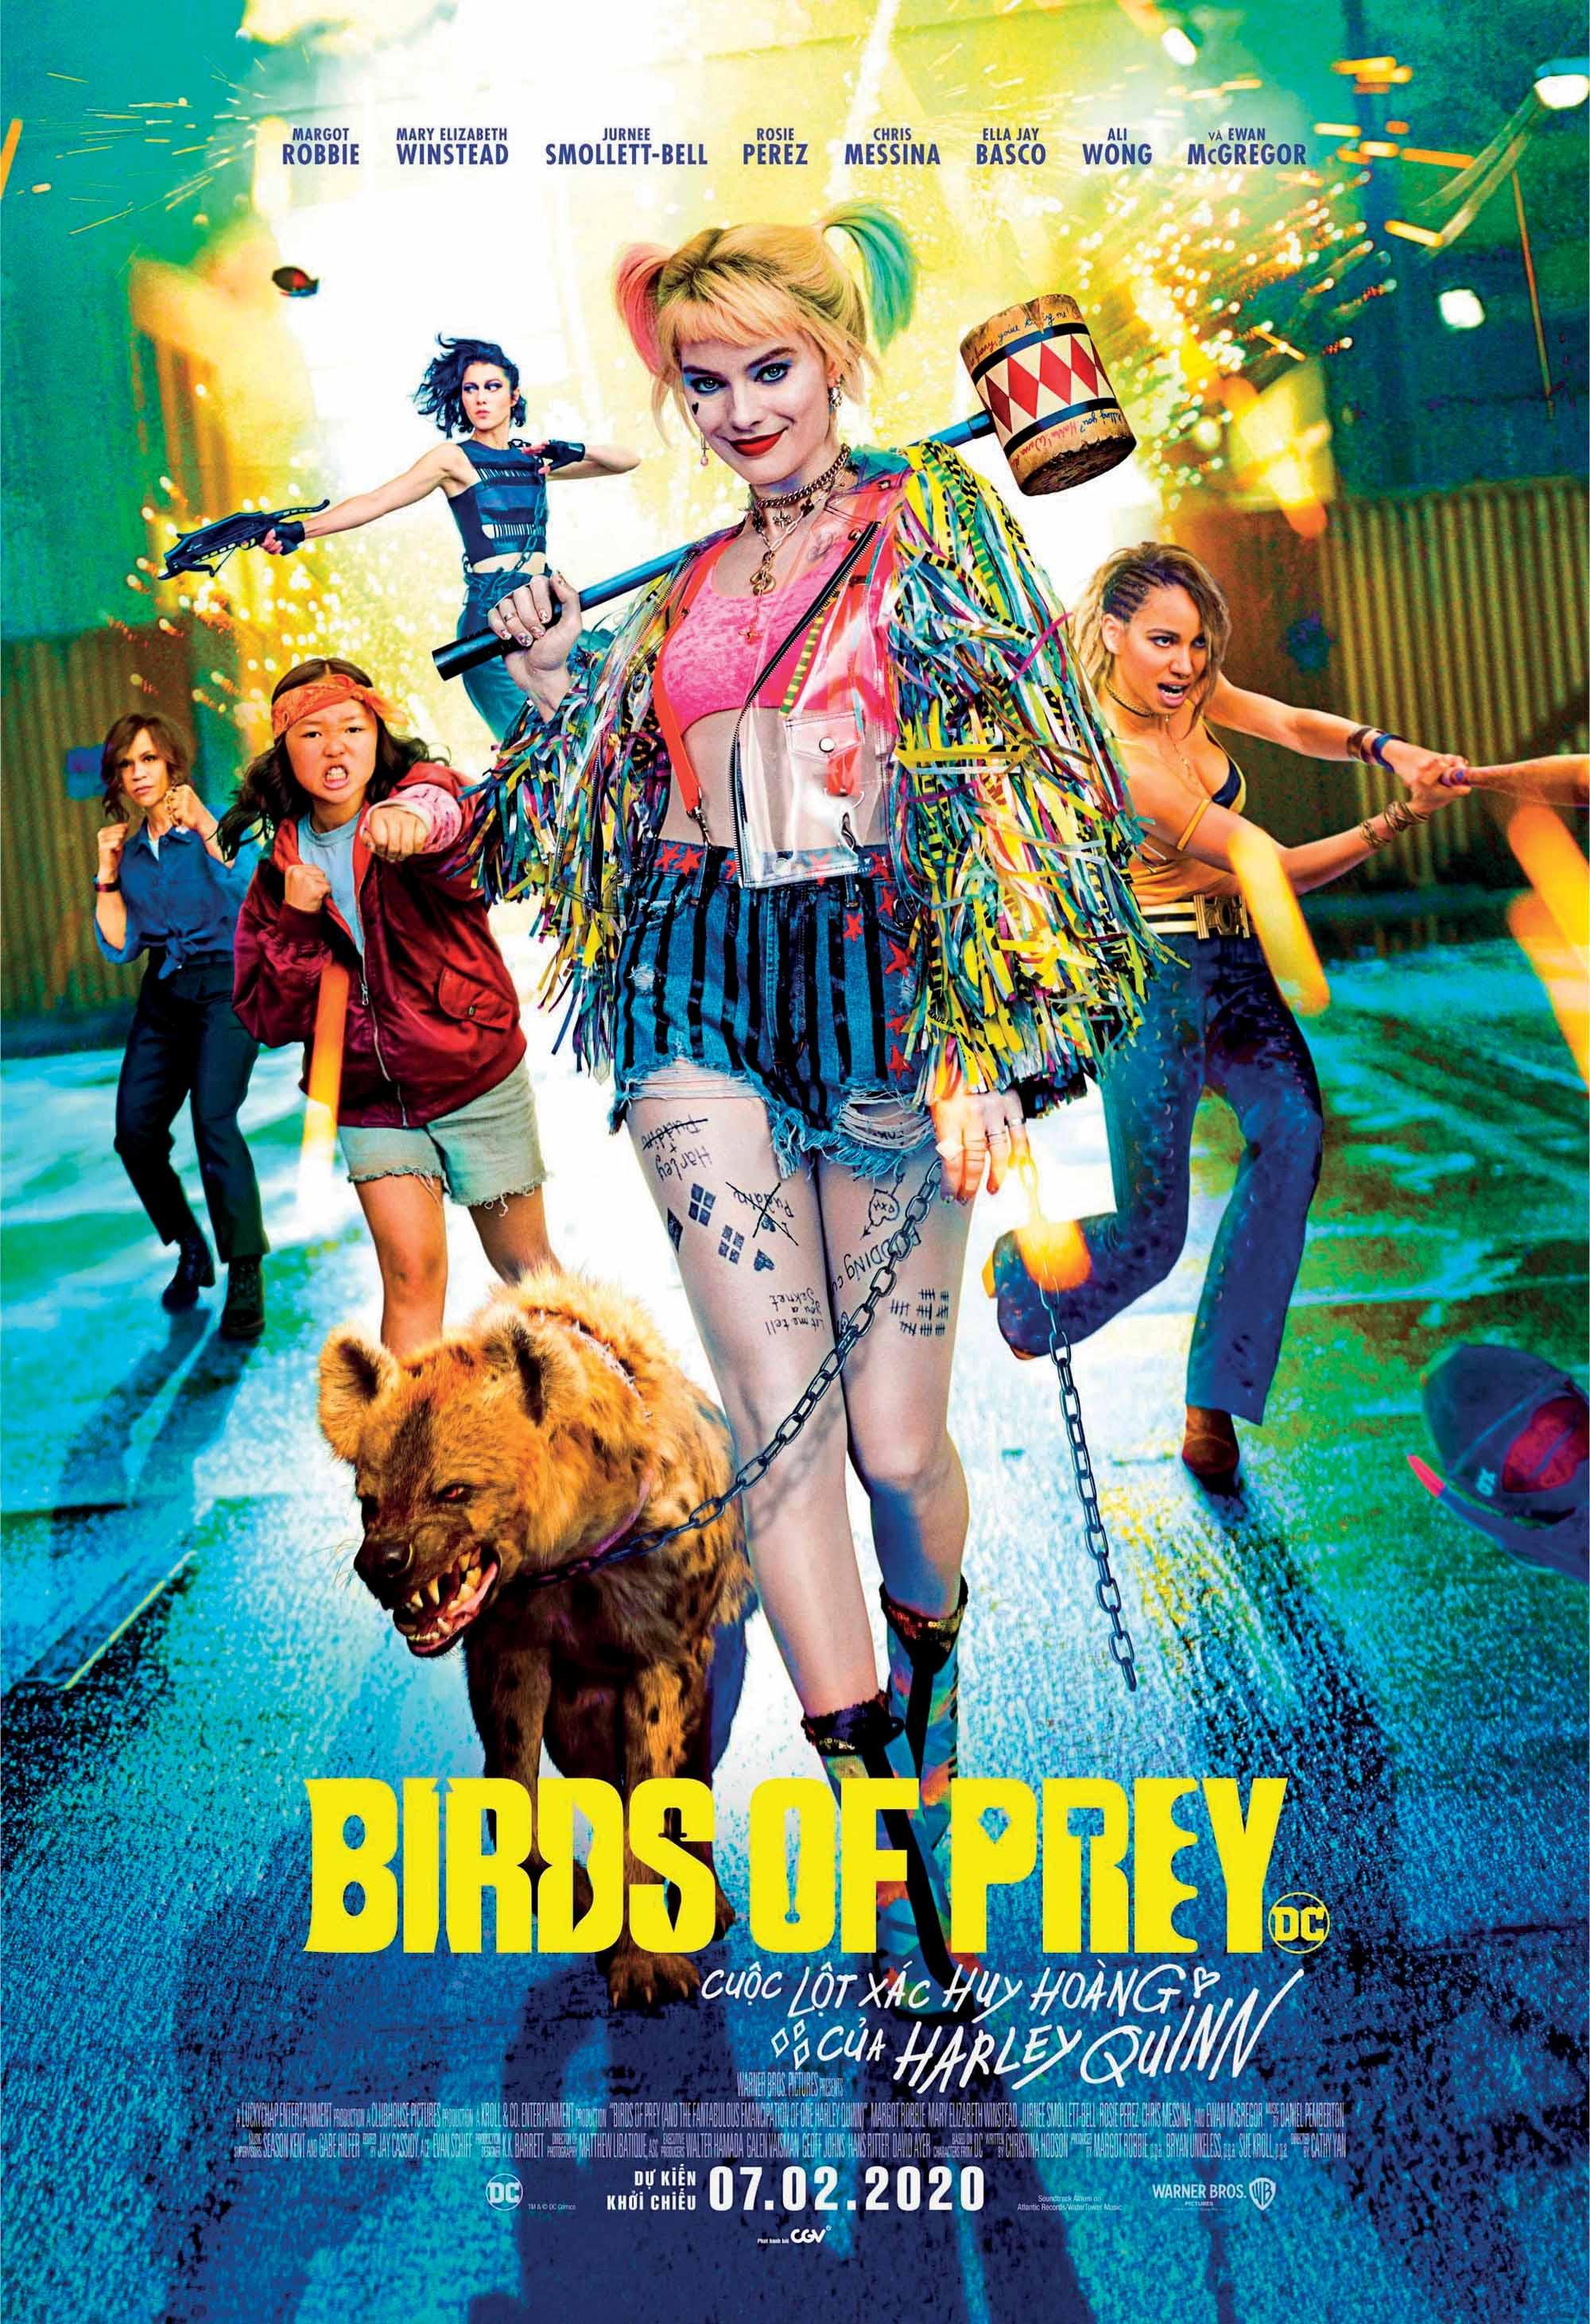 phim chiếu rạp Birds of Prey